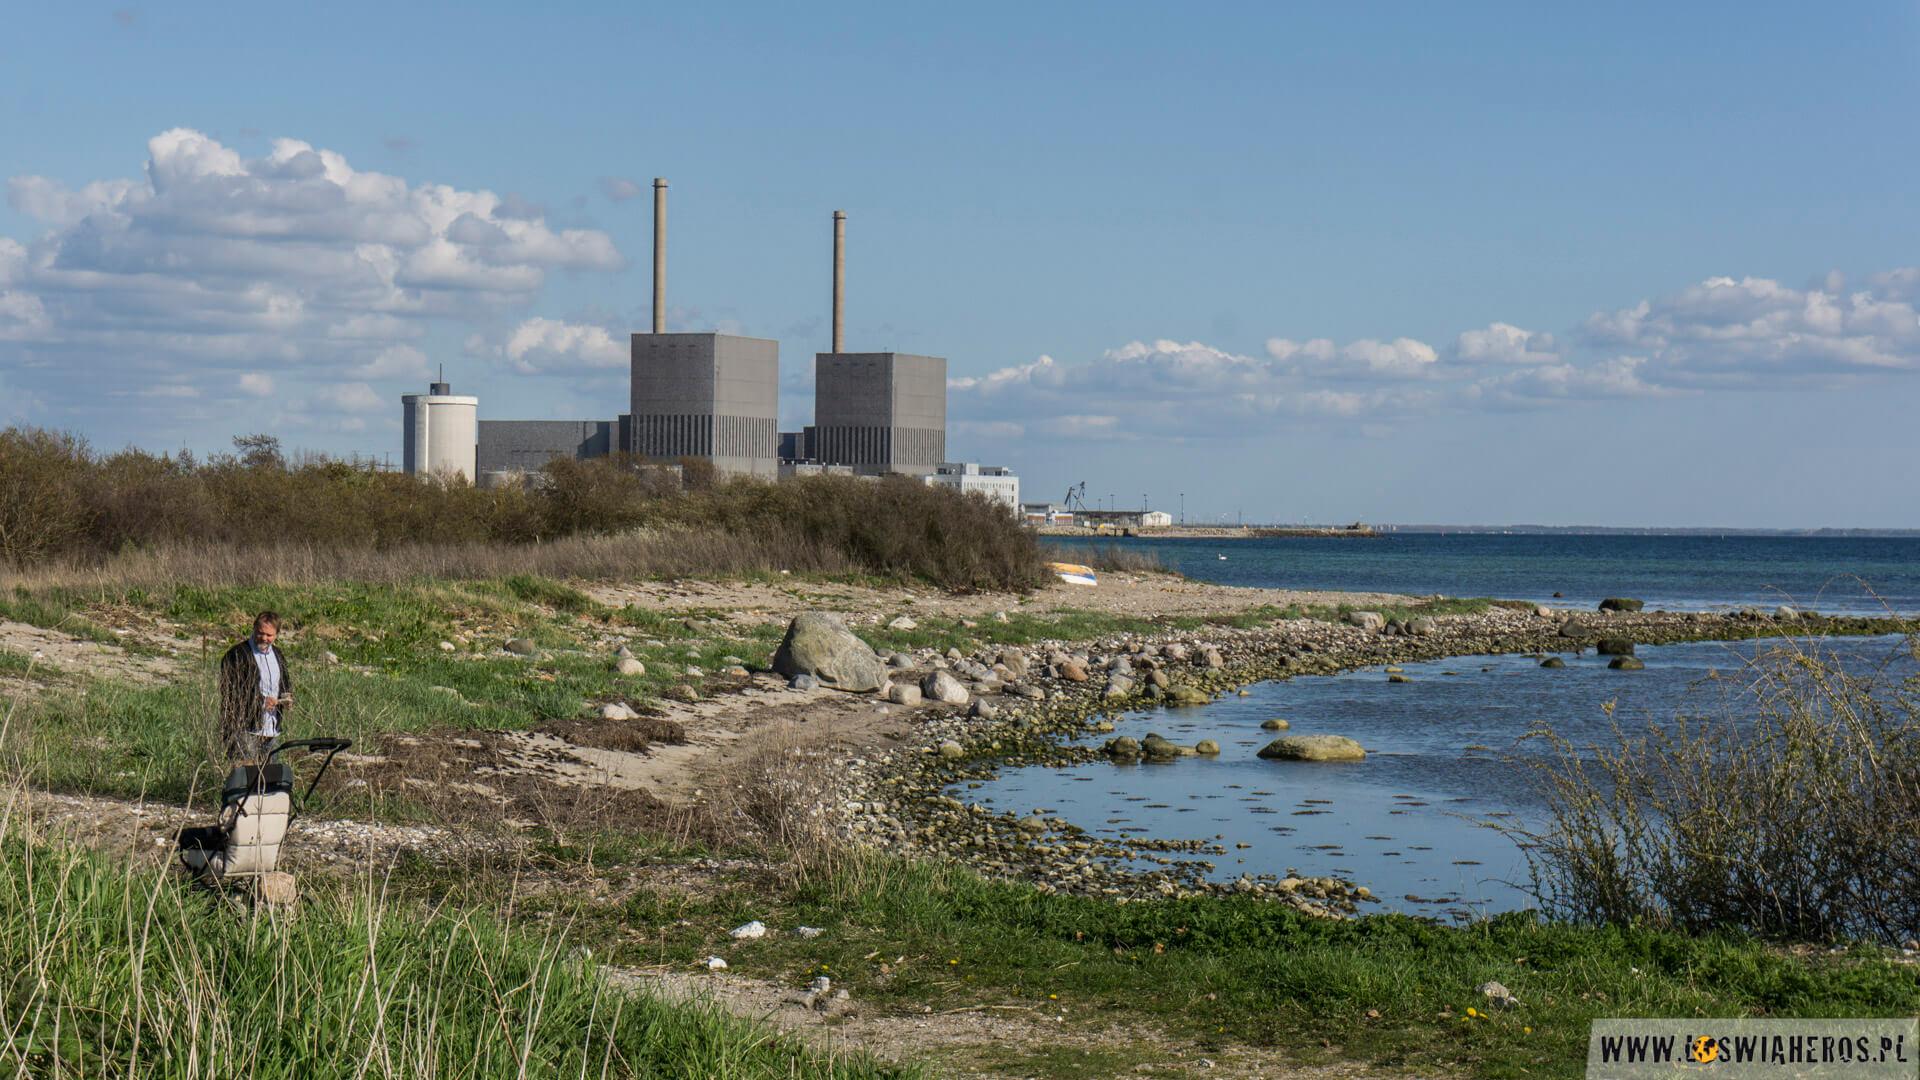 Niedzielne popołudnie. Rodzinny spacer, a w tle elektrownia w Barseback.